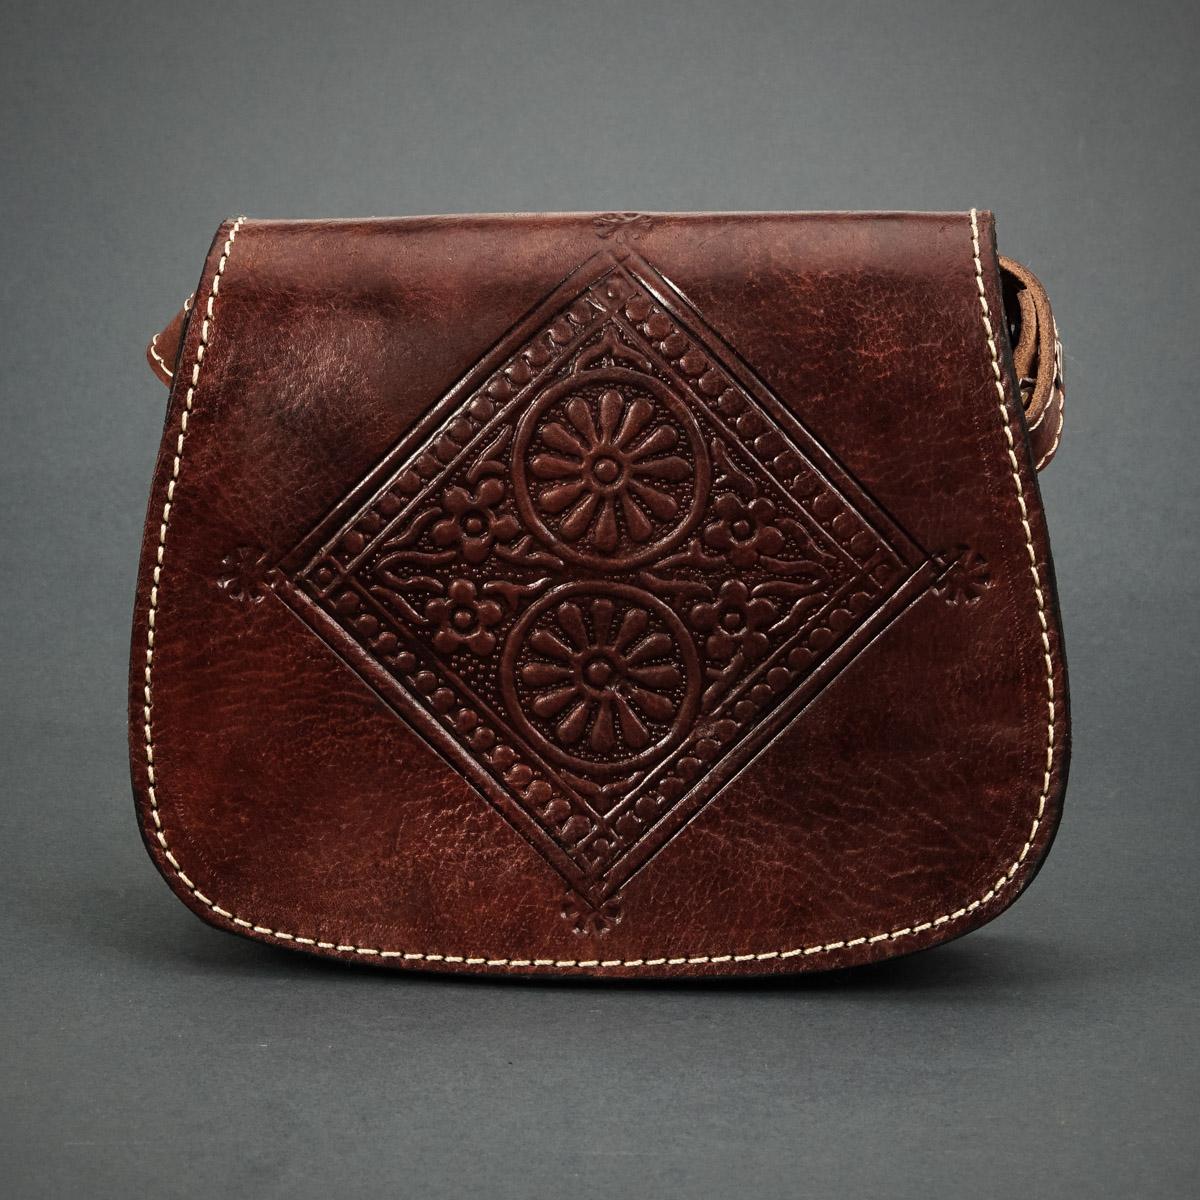 фотография сумки из натуральной кожи производства Королевства Марокко